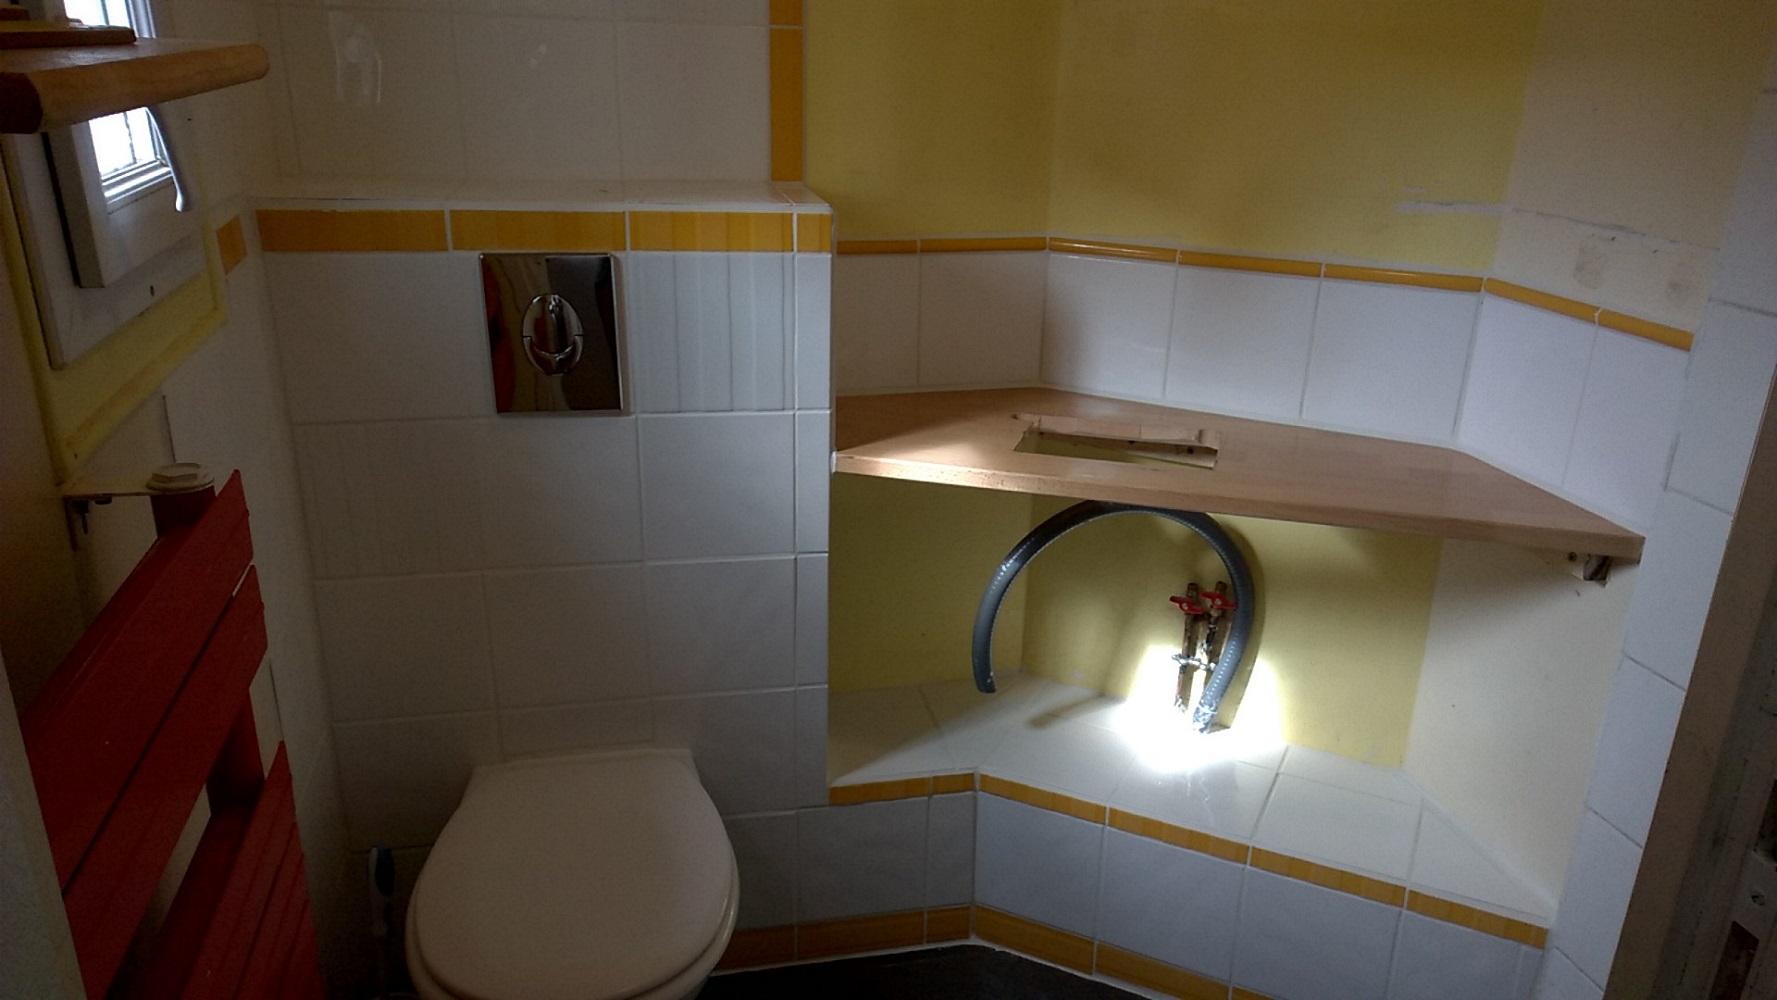 plateau perc en attente du lavabo